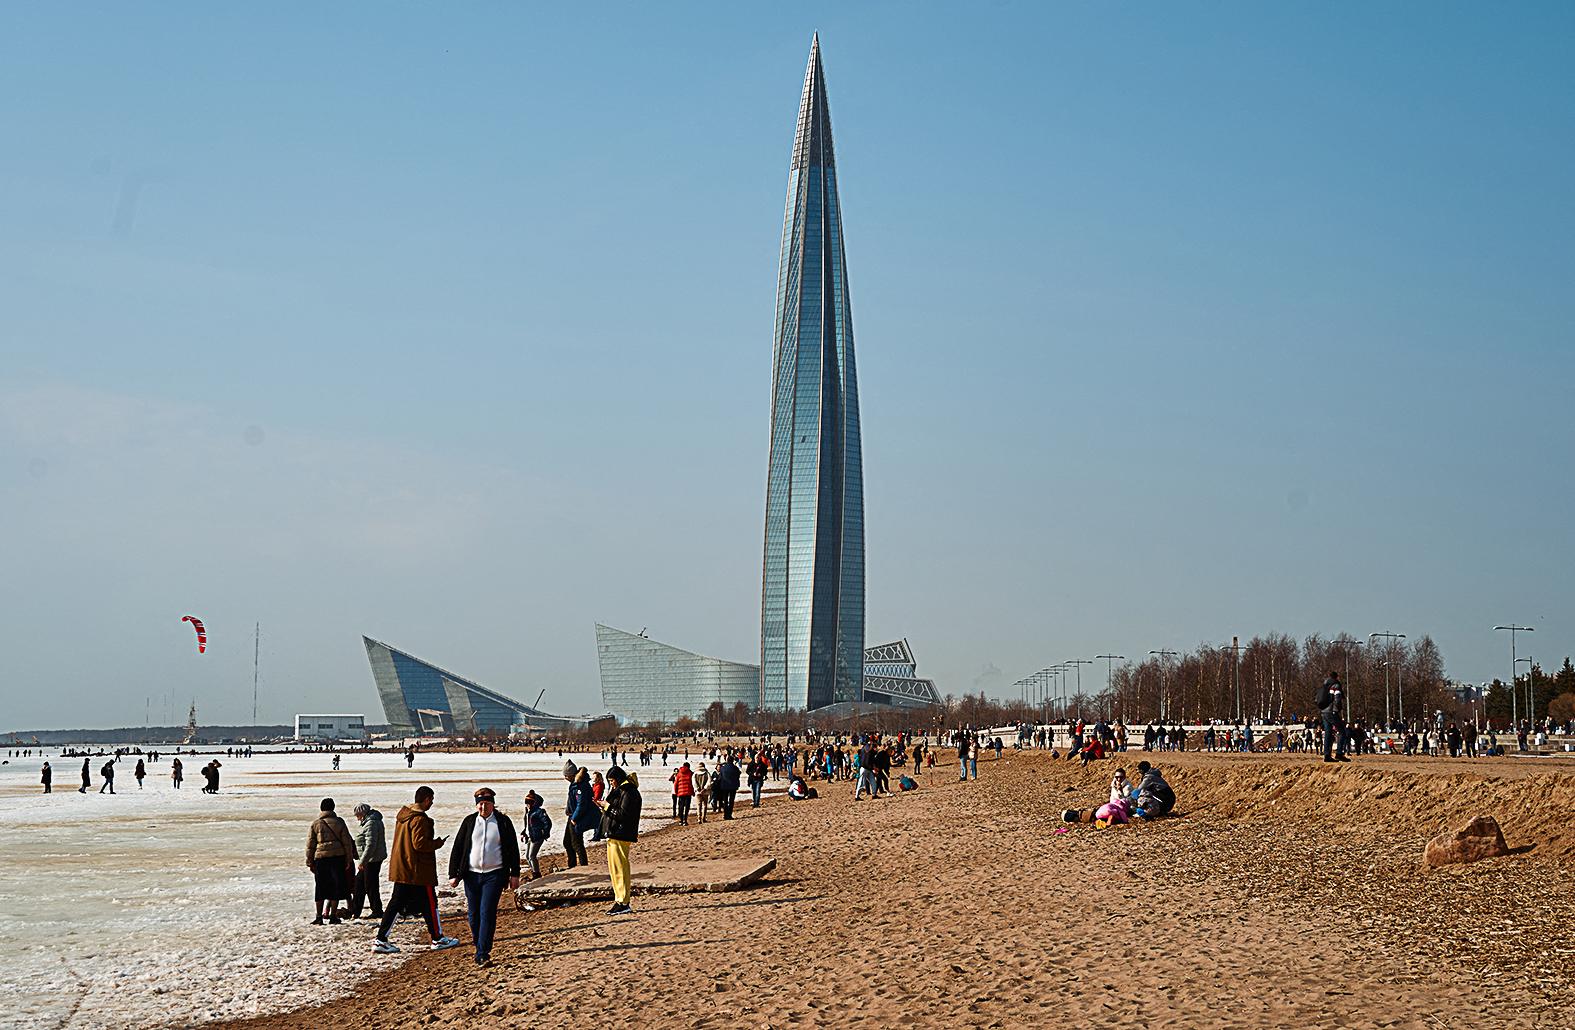 """""""A Lahta Centert 2019-ben fejezték be, s máris itt a folytatás, az elsőtől nem messze tervezett még gigantikusabb épület, amely Szentpétervár alapításának évéről 703 méter magasra épülne, vagyis az egész világon csupán egy felhőkarcoló előzné meg, a 828 méteres dubaji Burdzs Kalifa. A felhőkarcoló a kilátó (590 méter) és a legfelső használatba vett emelet magassága tekintetében az első lenne a világon"""" #moszkvater"""